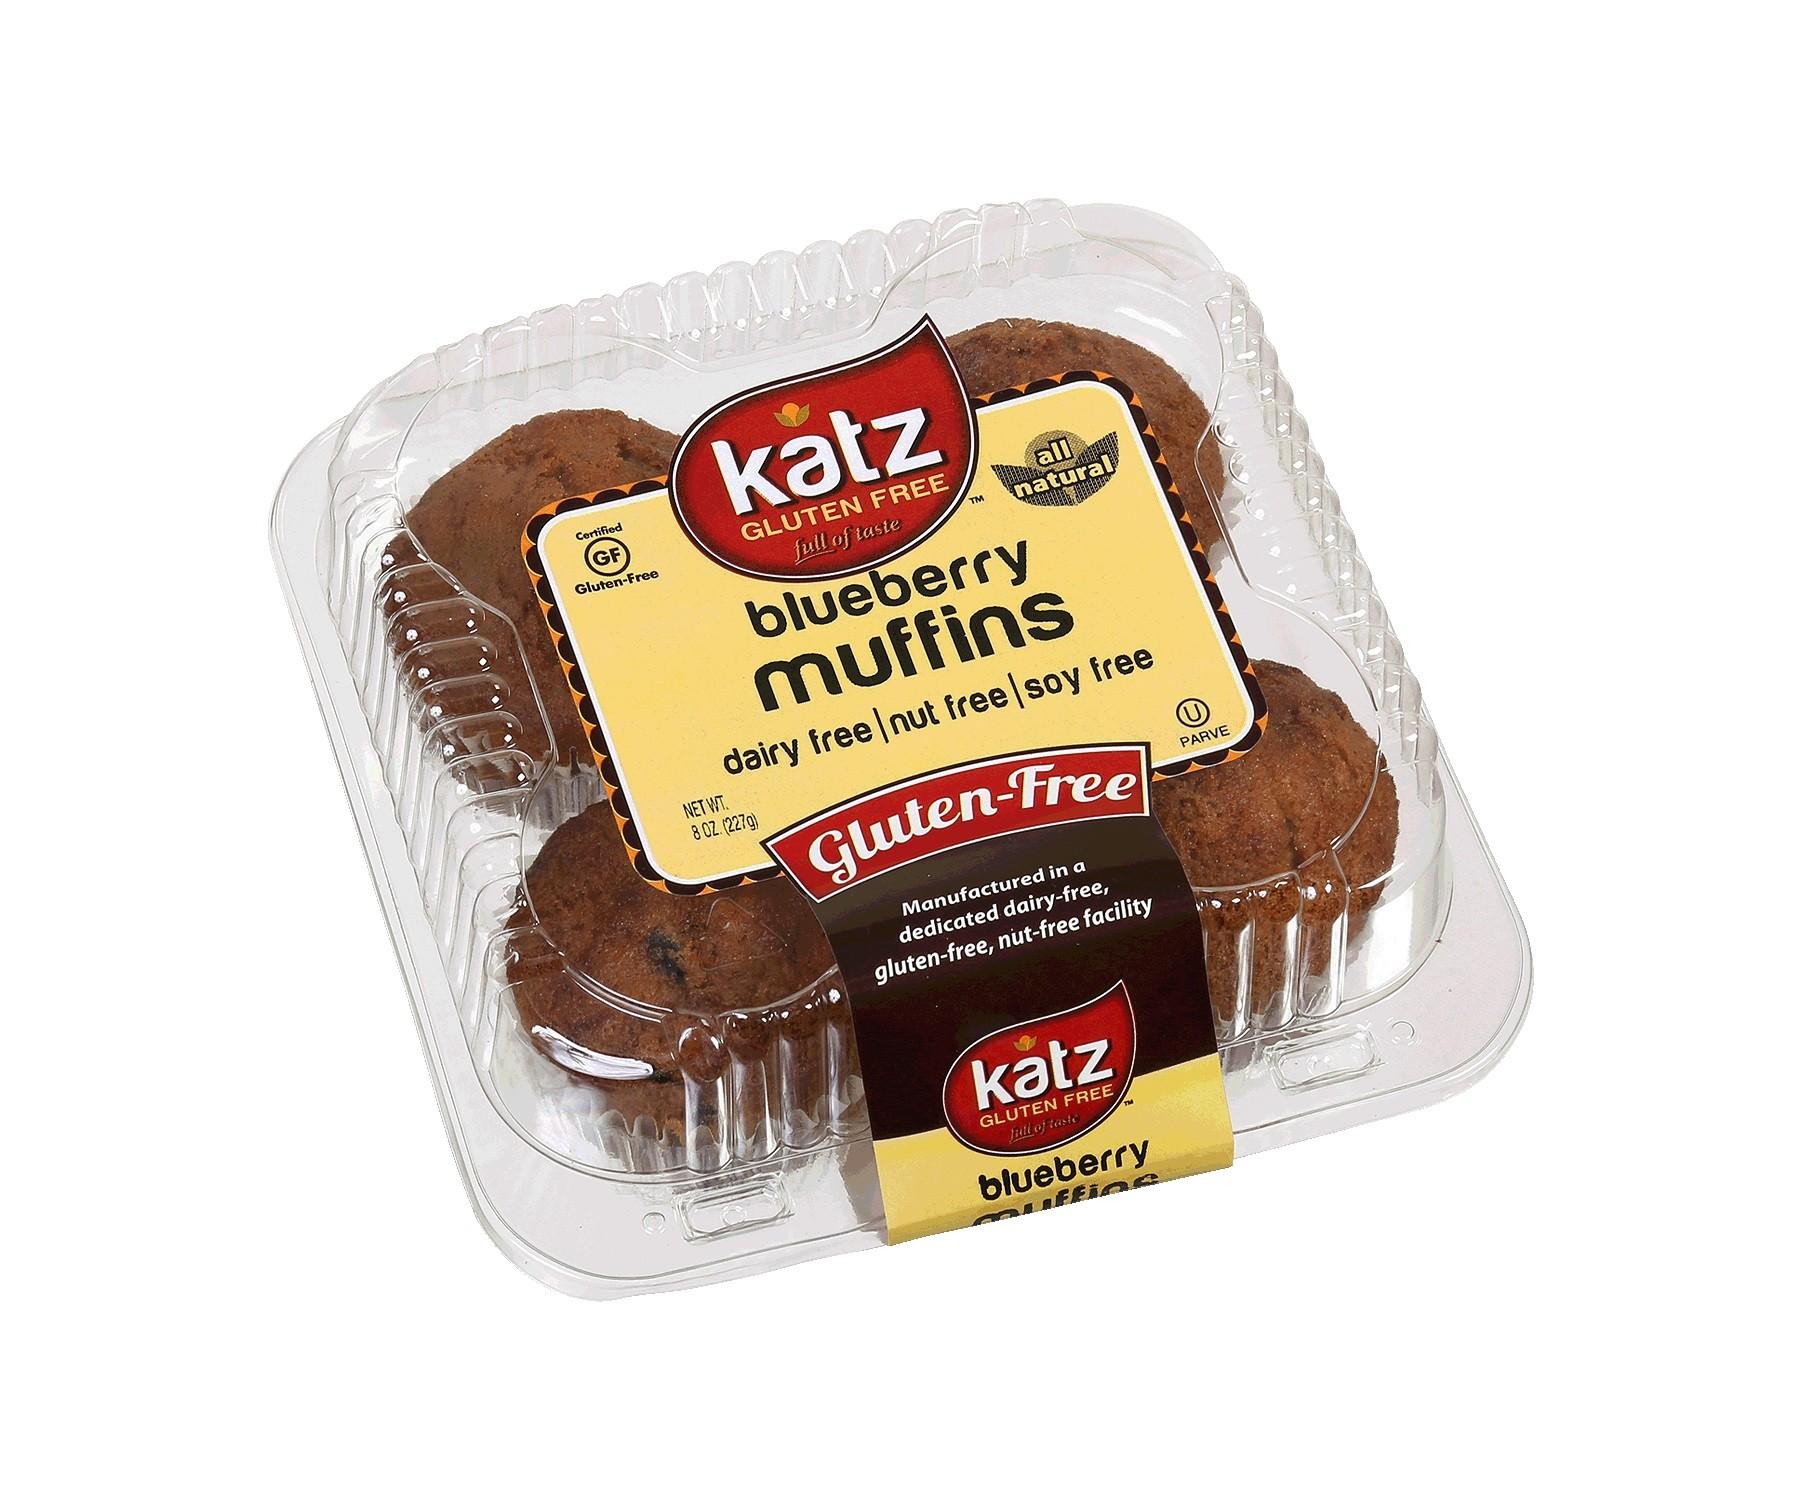 Katz Gluten Free Blueberry Muffins (Case of 6)